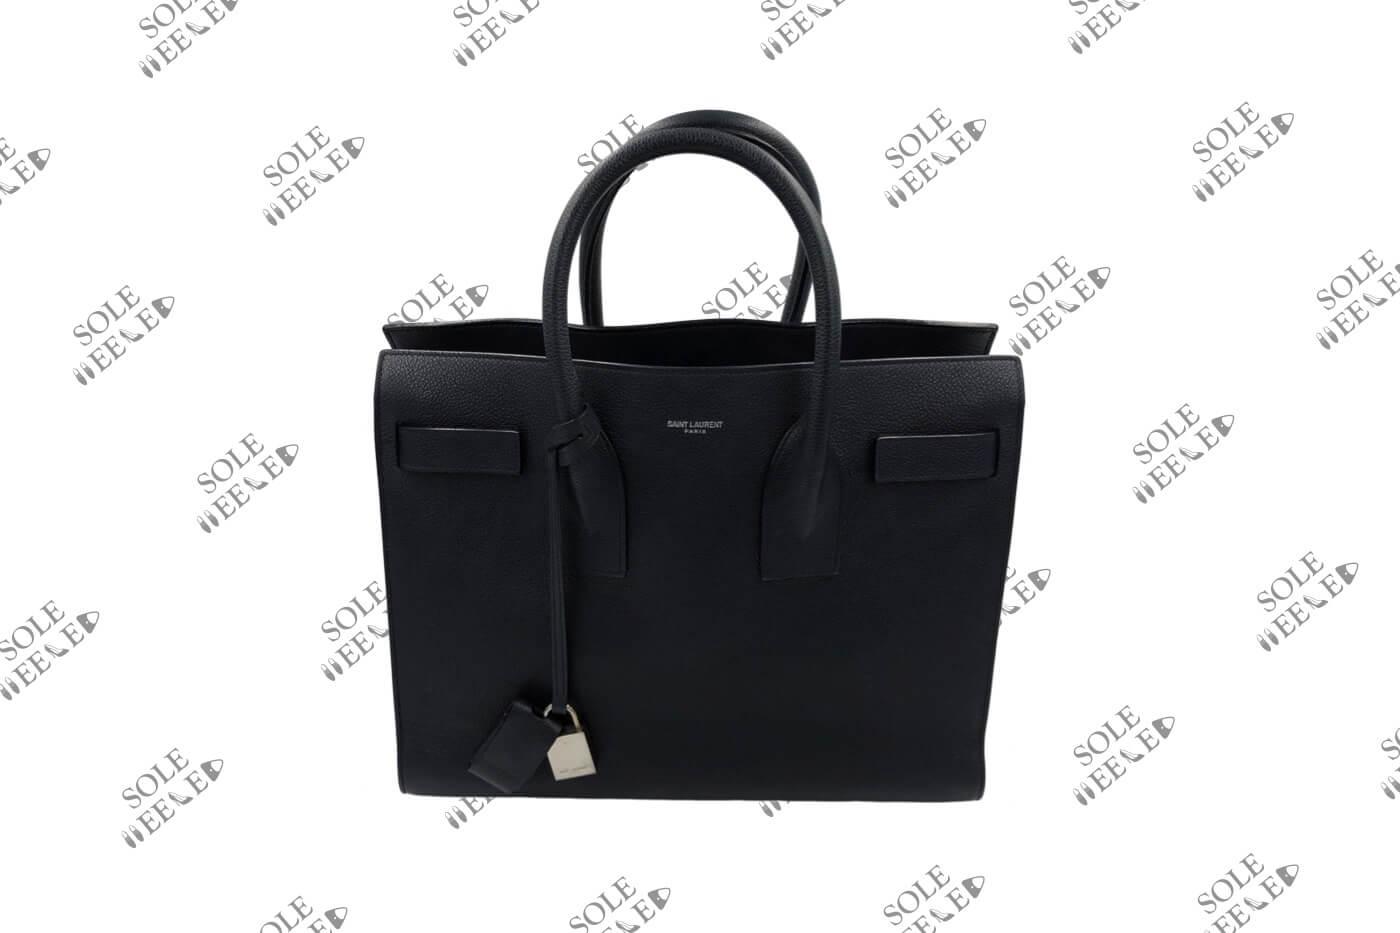 Yves Saint Laurent Handbag Restoration